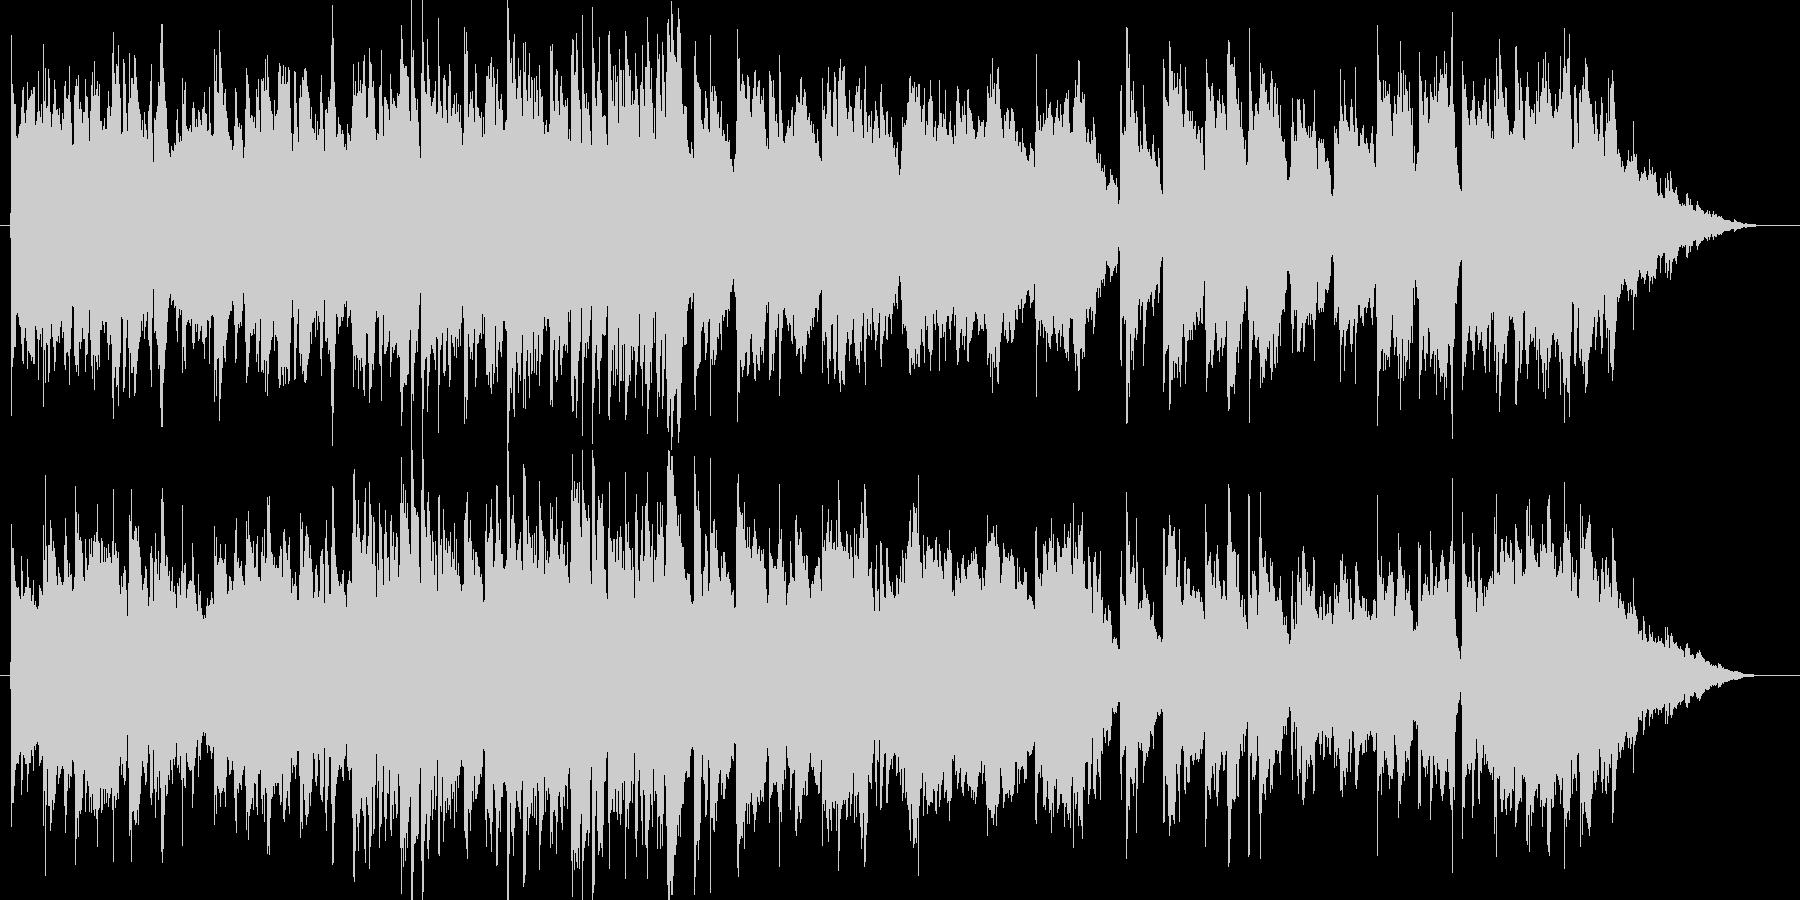 森のオーガニックギター/クラシックギターの未再生の波形